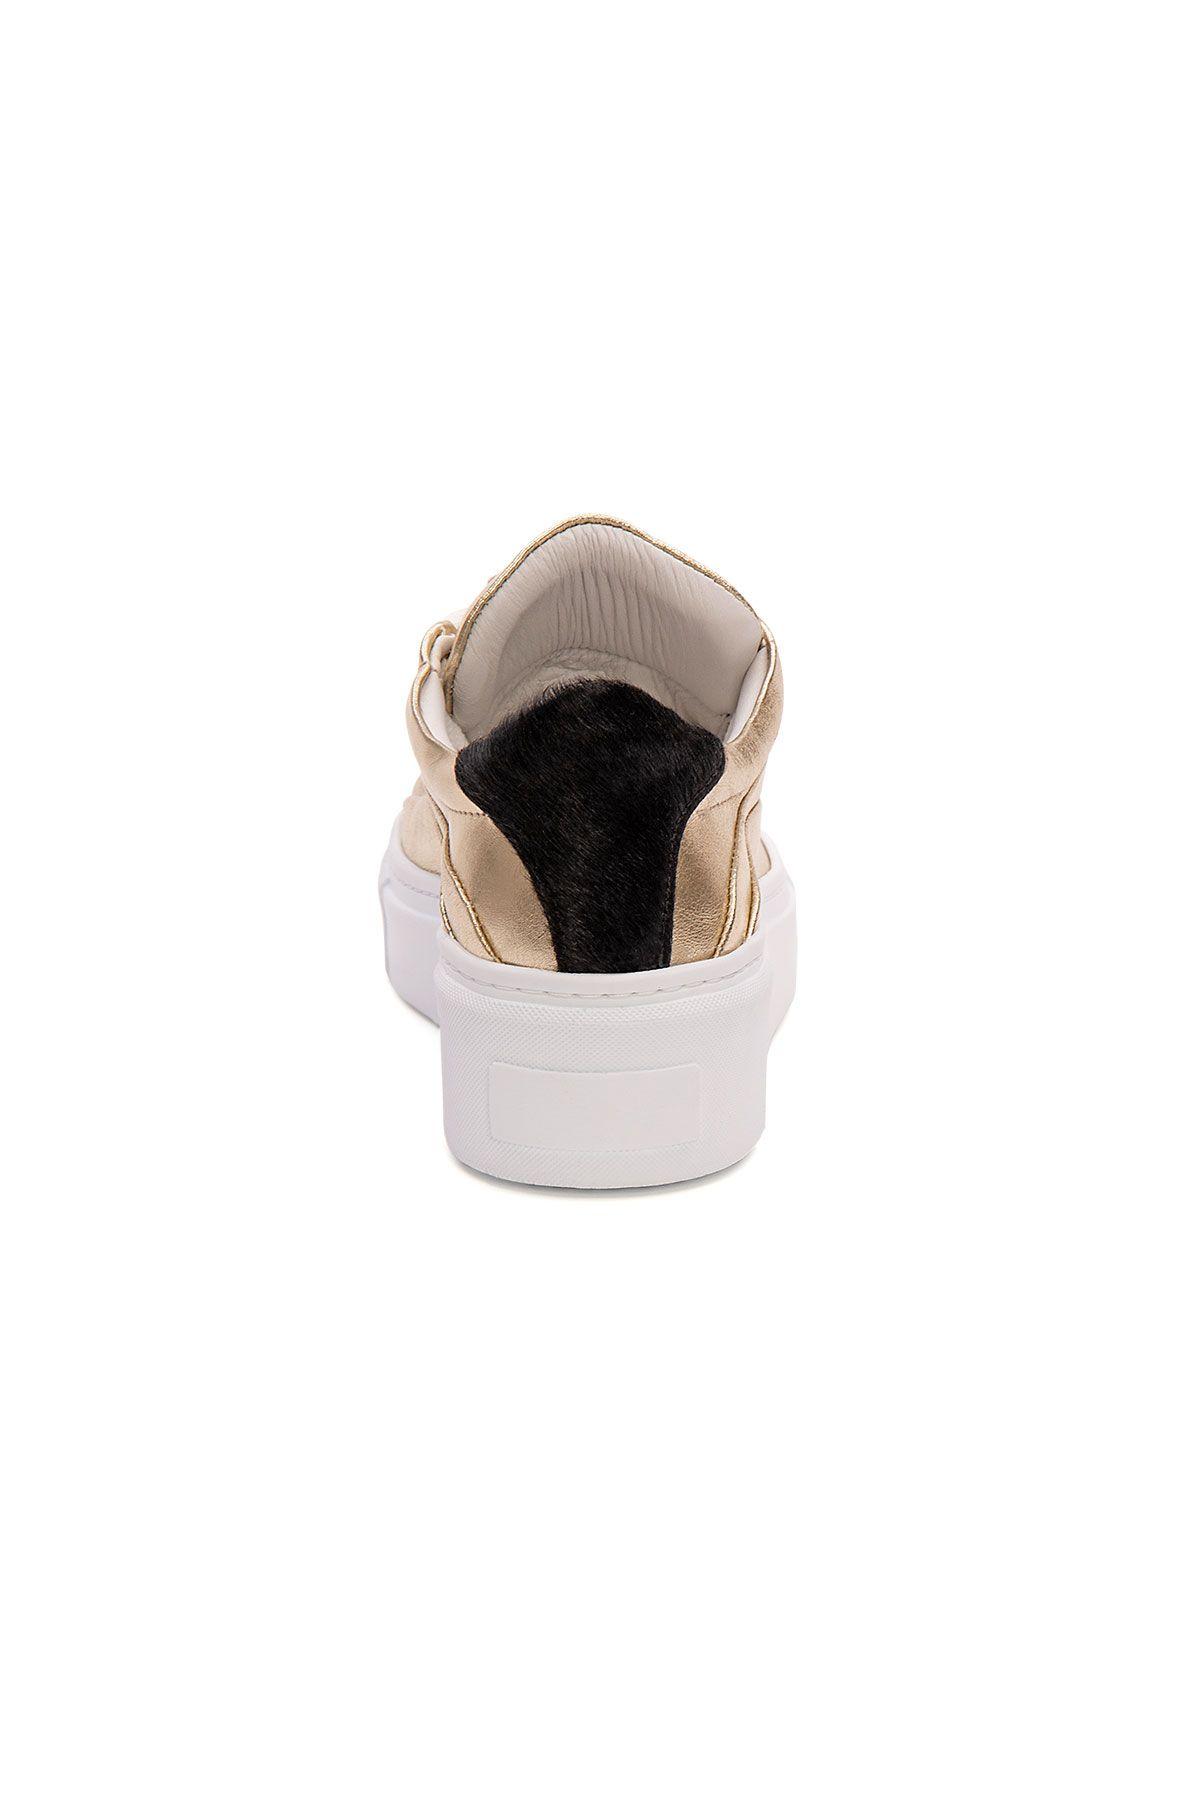 Pegia Genuine Leather Women's Sneaker LA1622 Golden